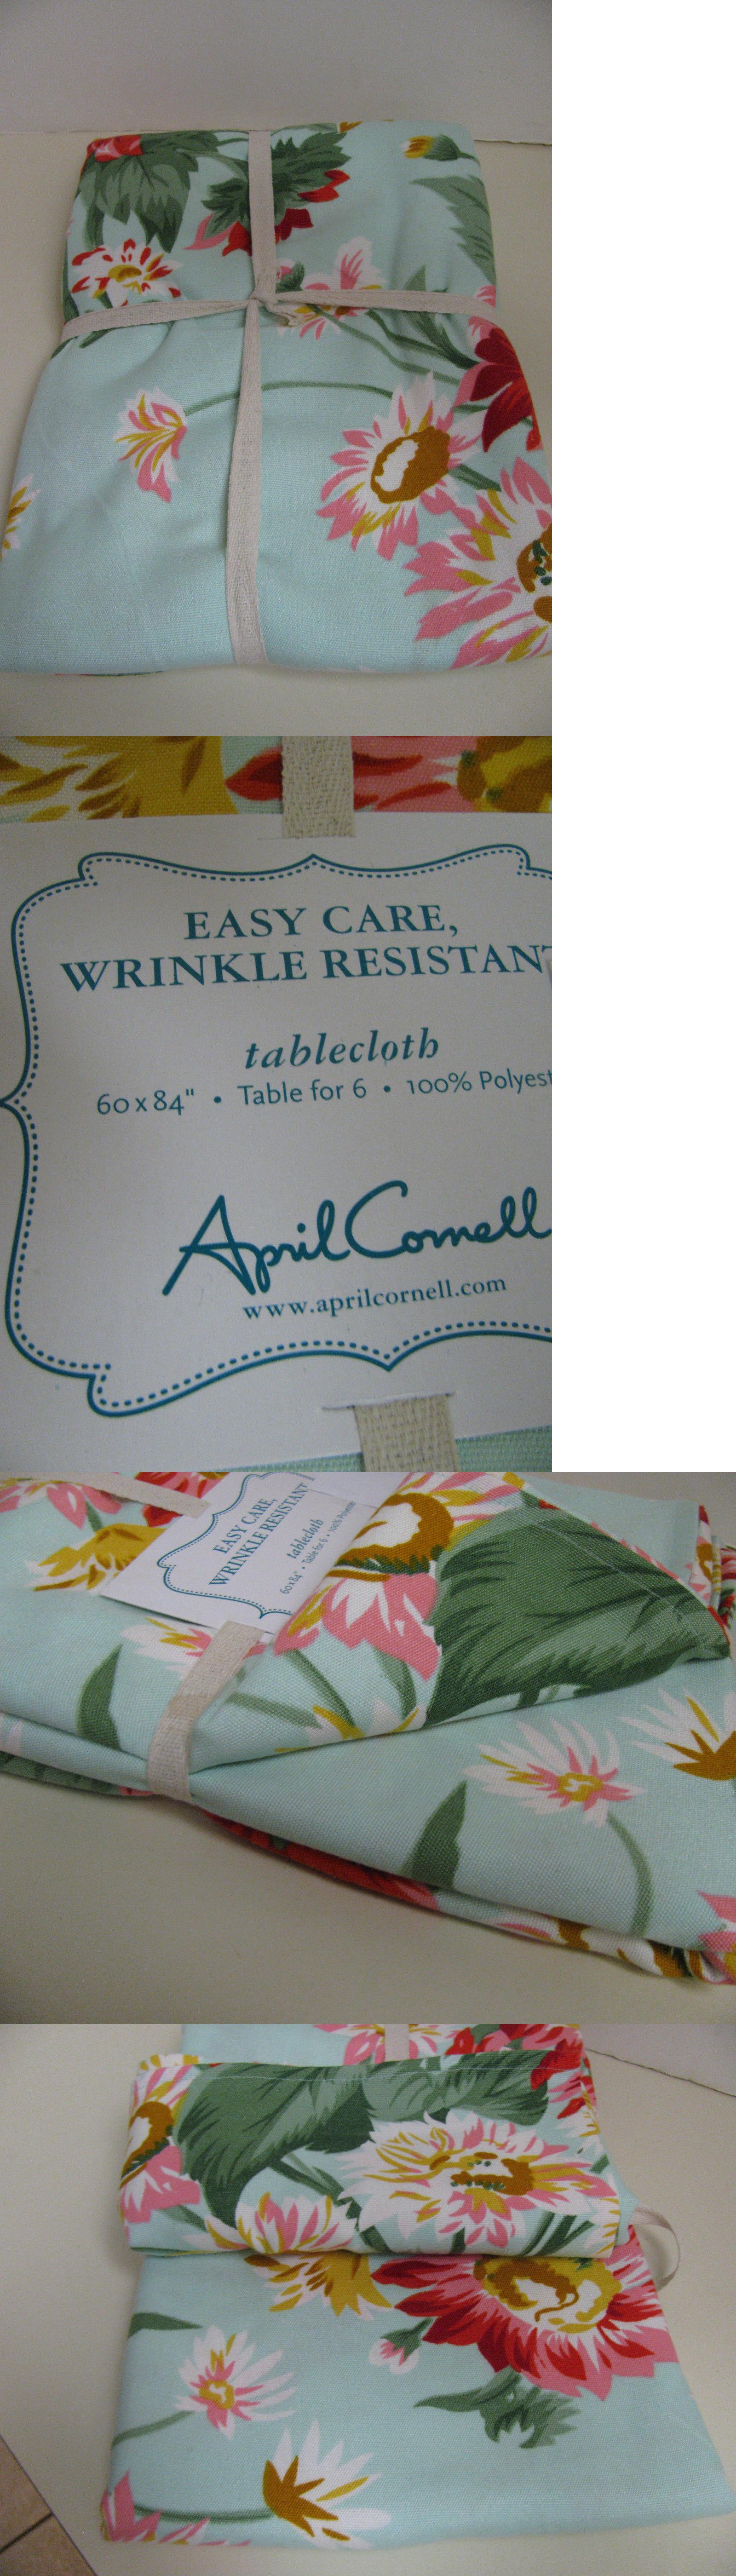 Tablecloths 20663: April Cornell Easy Care Tablecloth   60 X 84   Aqua  Green Floral